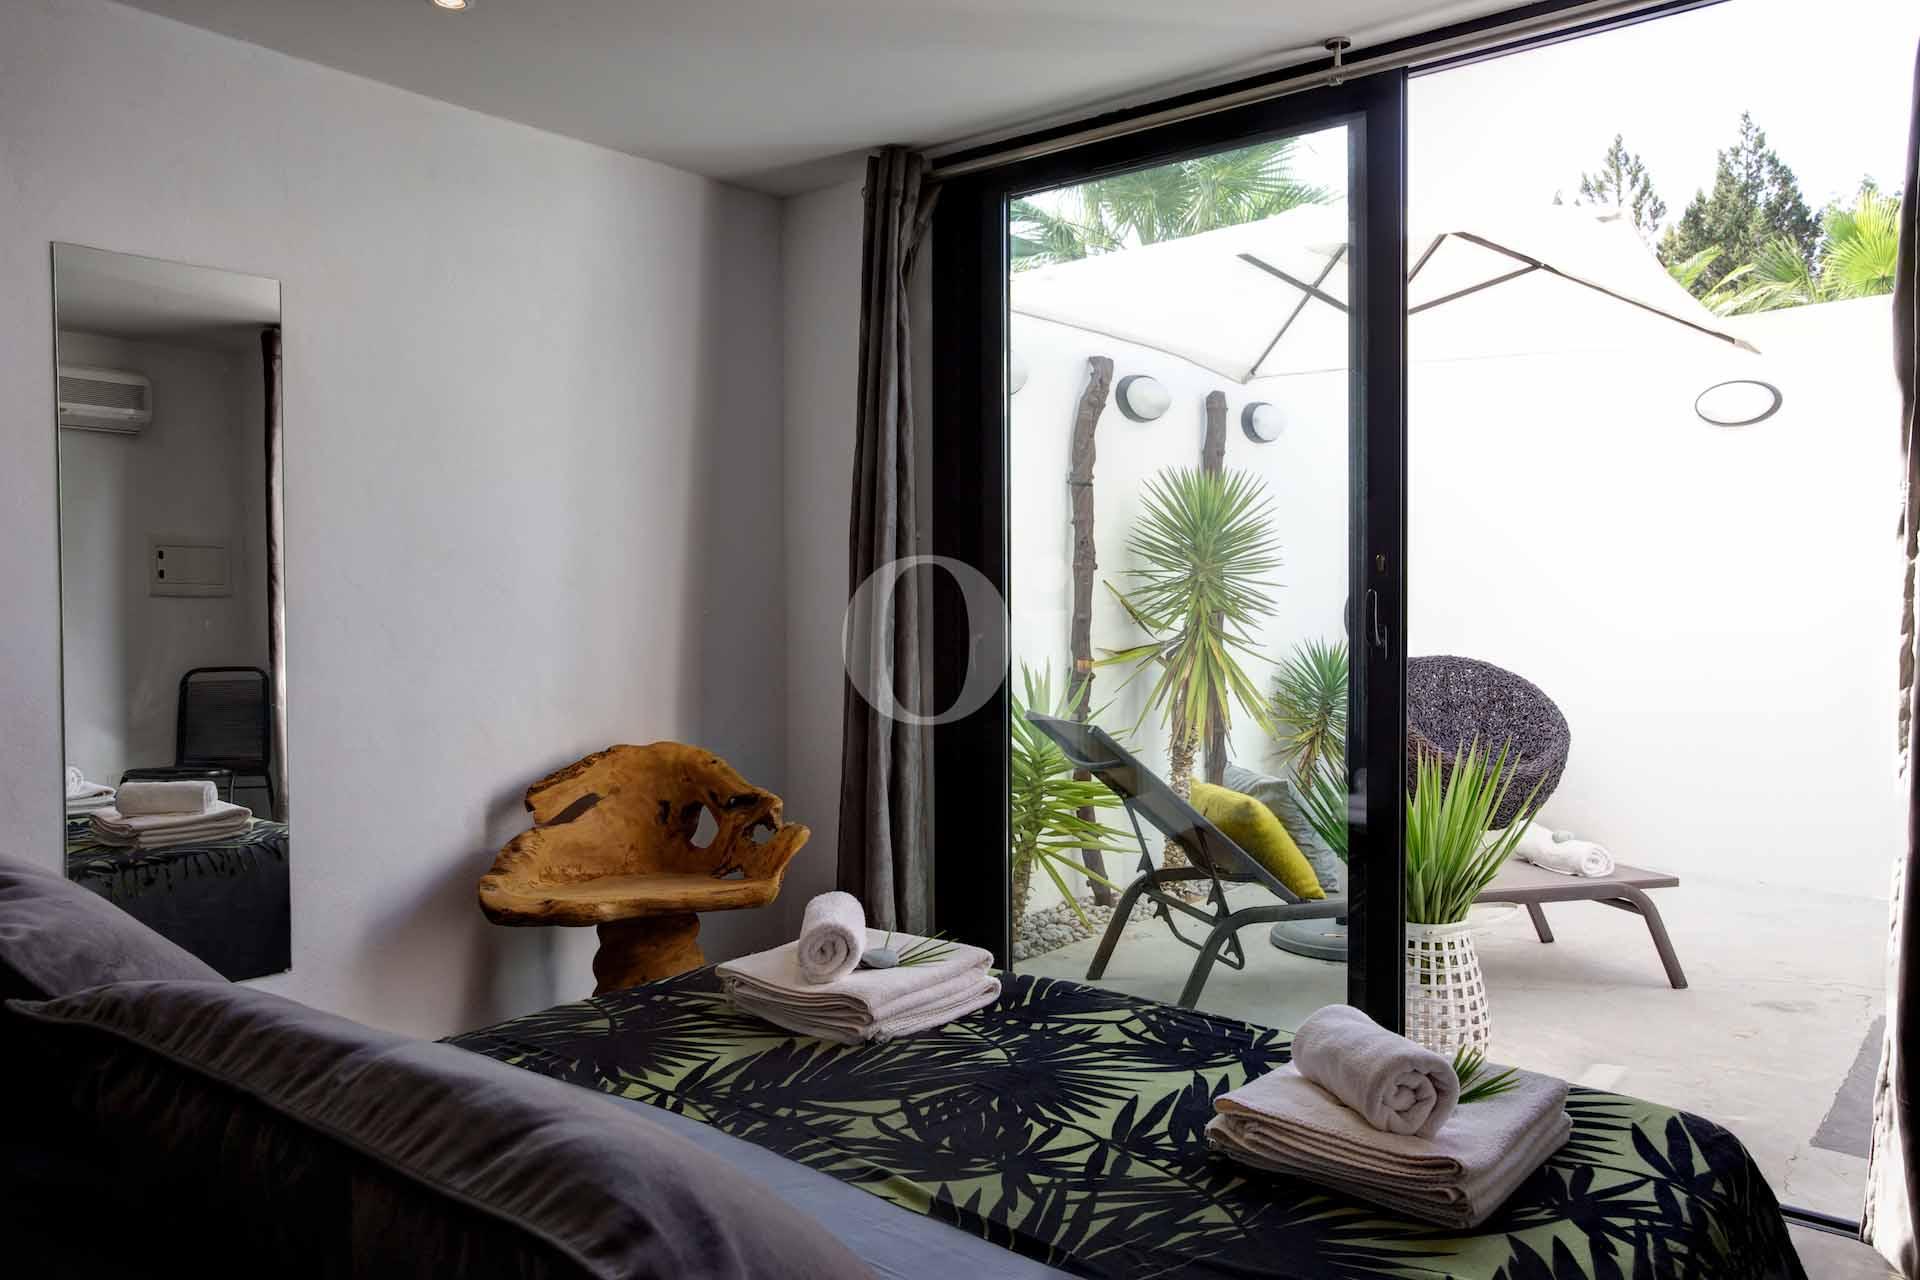 Dormitorio con acceso a la terraza